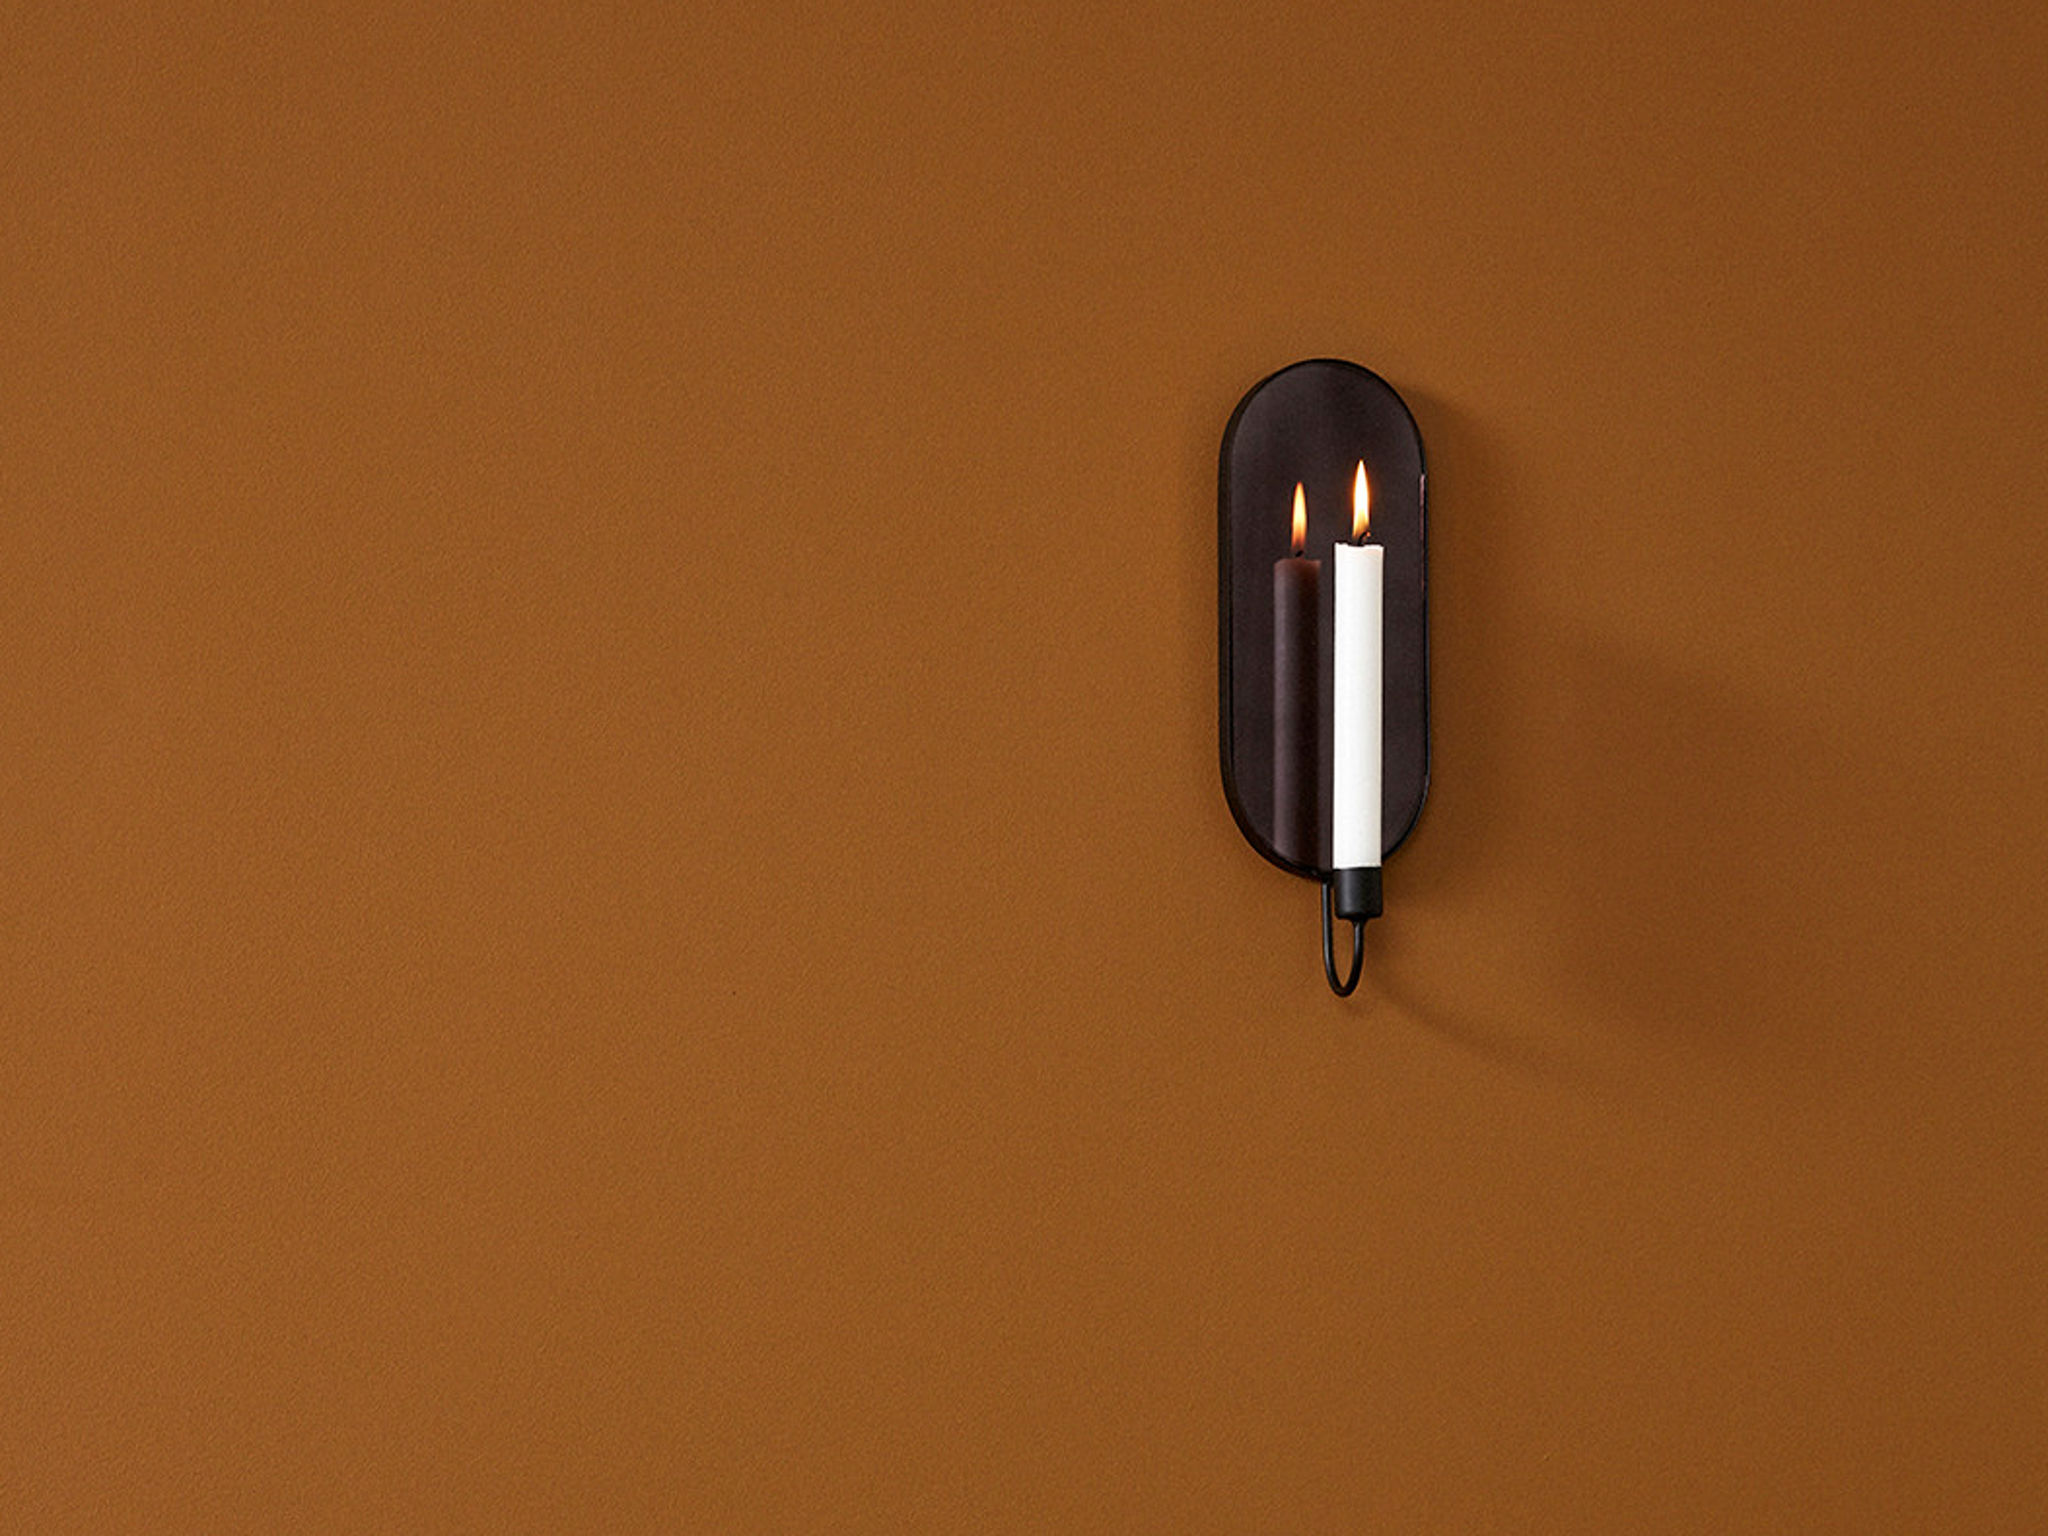 Schlichte Eleganz: Der Spiegel mit Kerzenhalter ist ein Hingucker. Foto: einrichten design